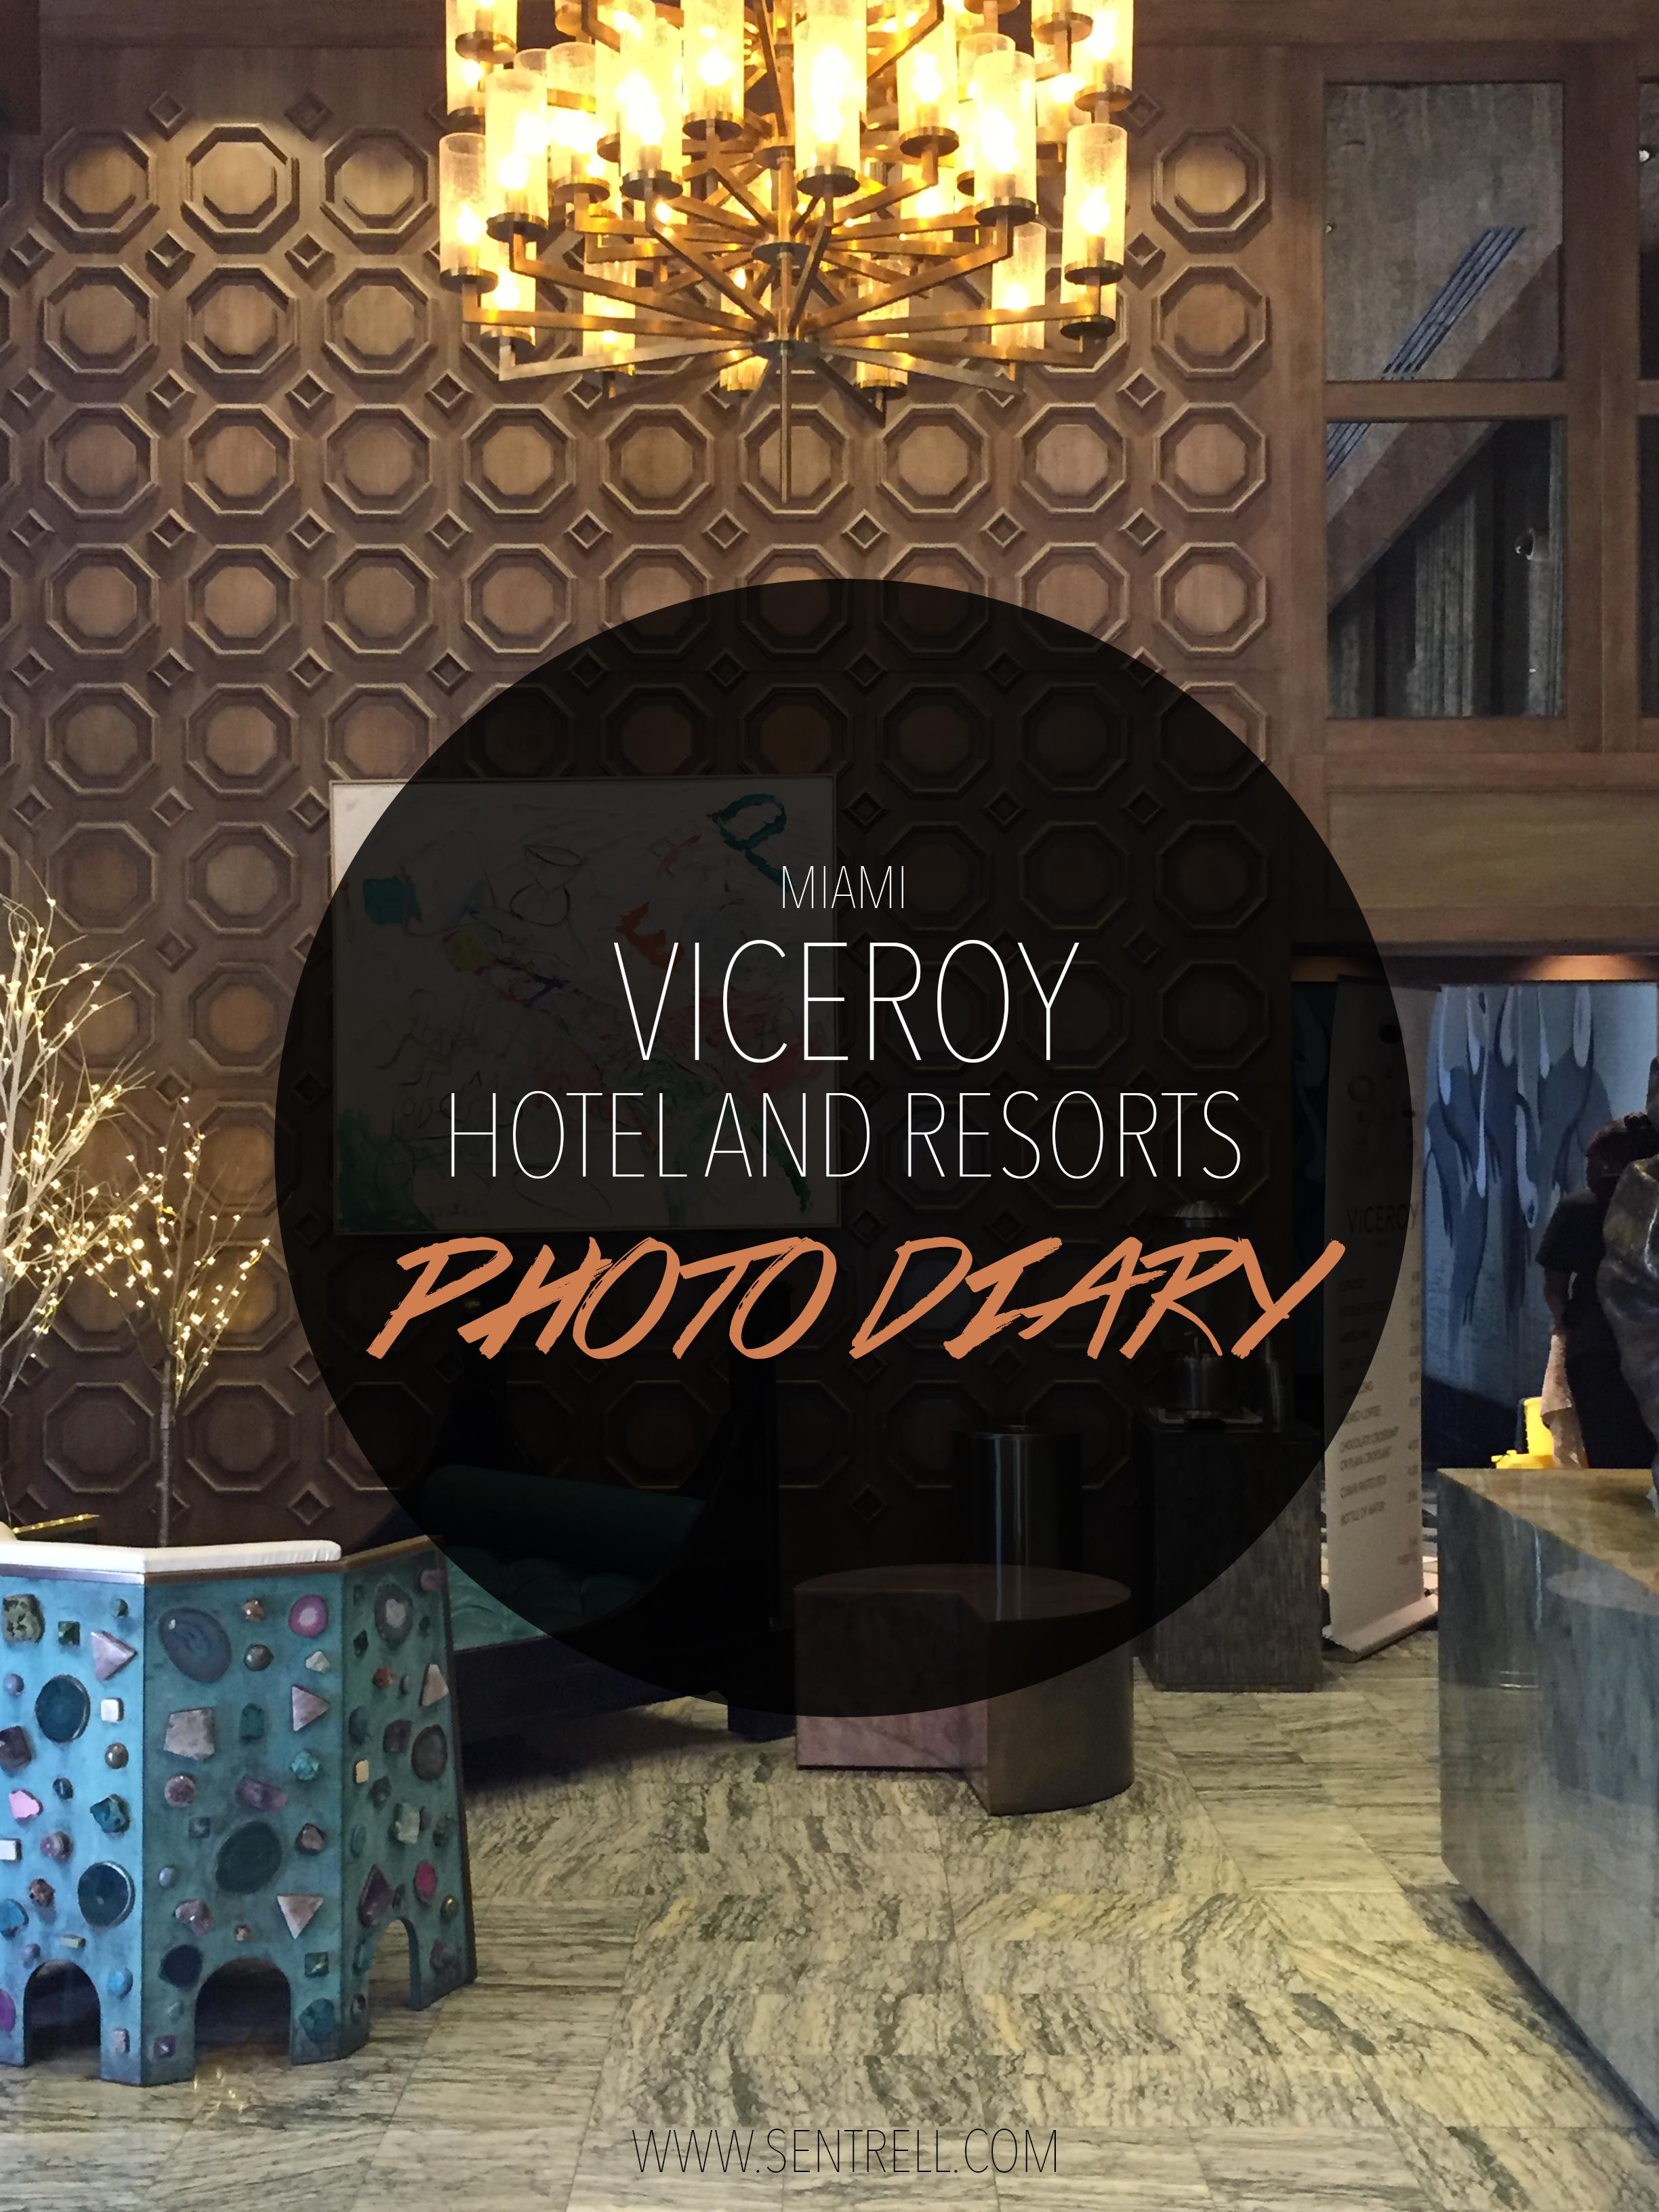 viceroy Miami photo diary